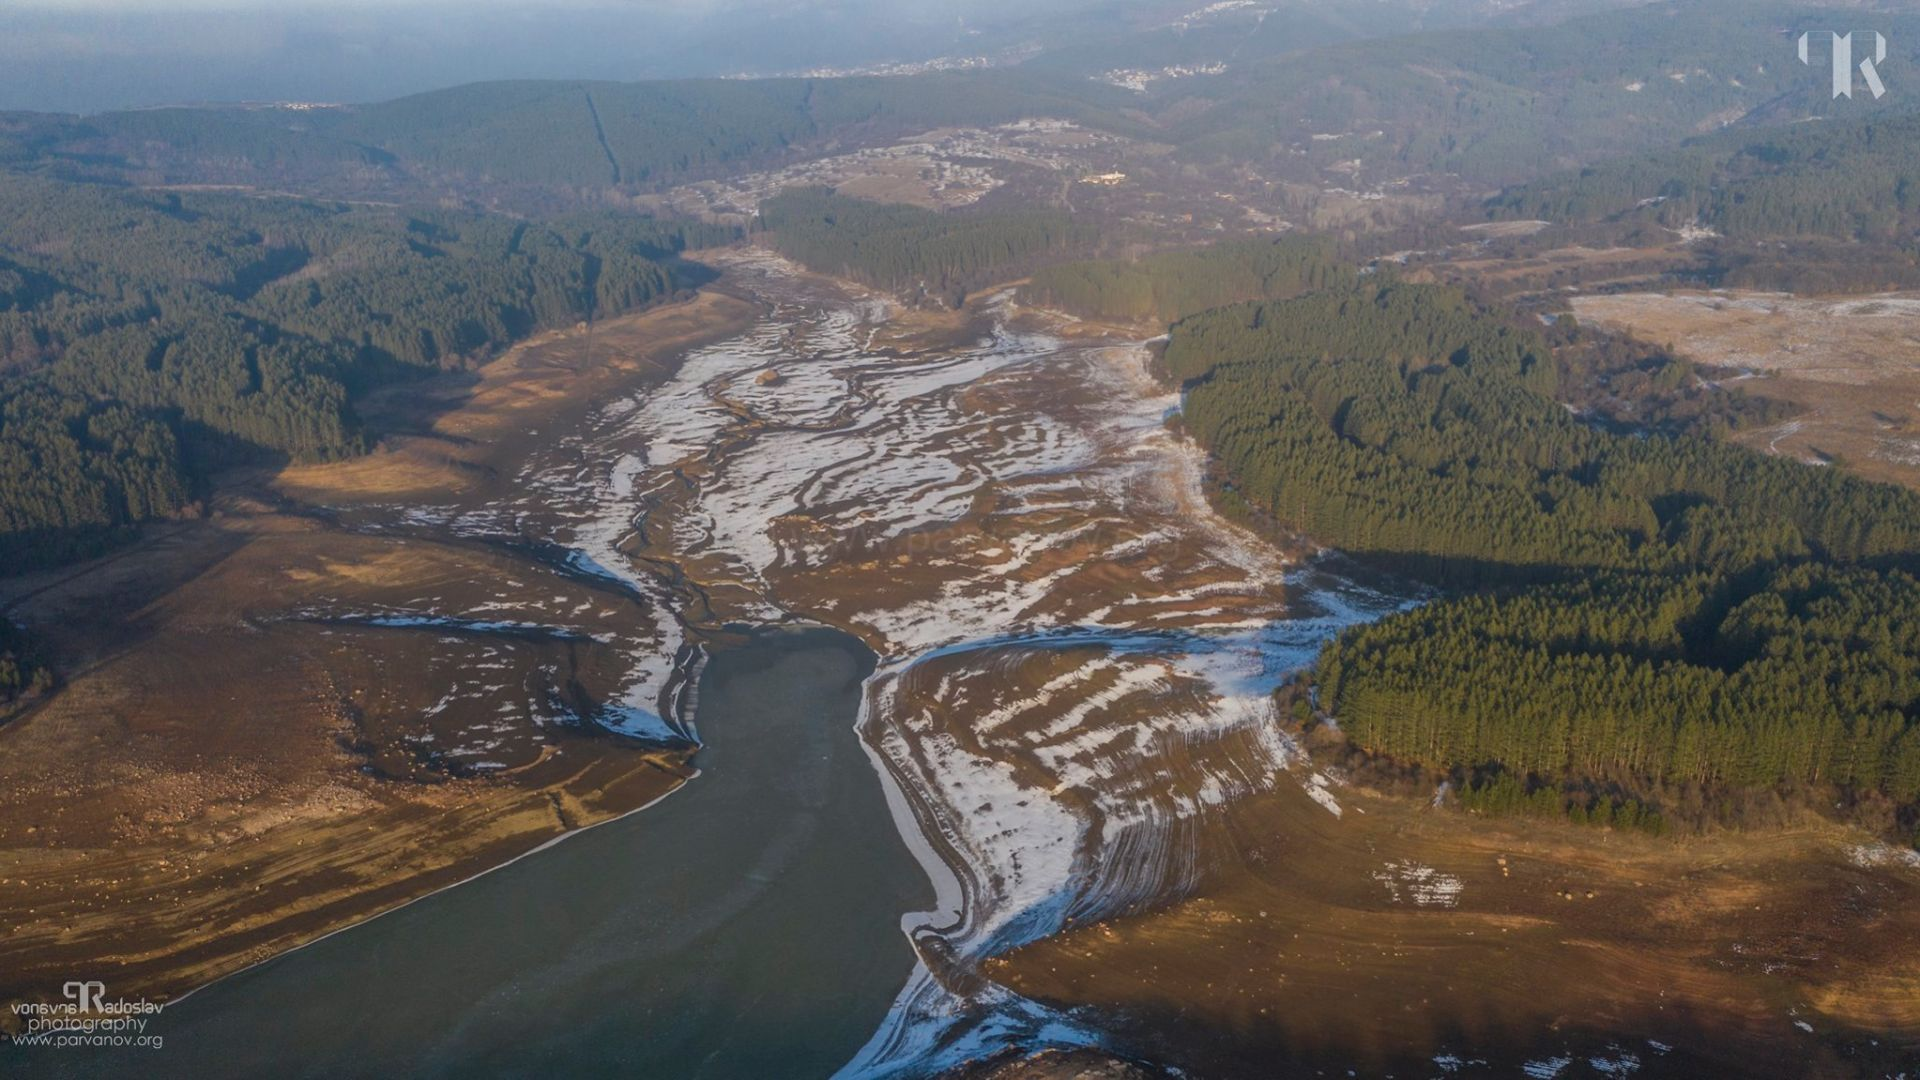 Екоминистърът посочи застрашените язовири - Ястребино, Дяково, Асеновец и Студена